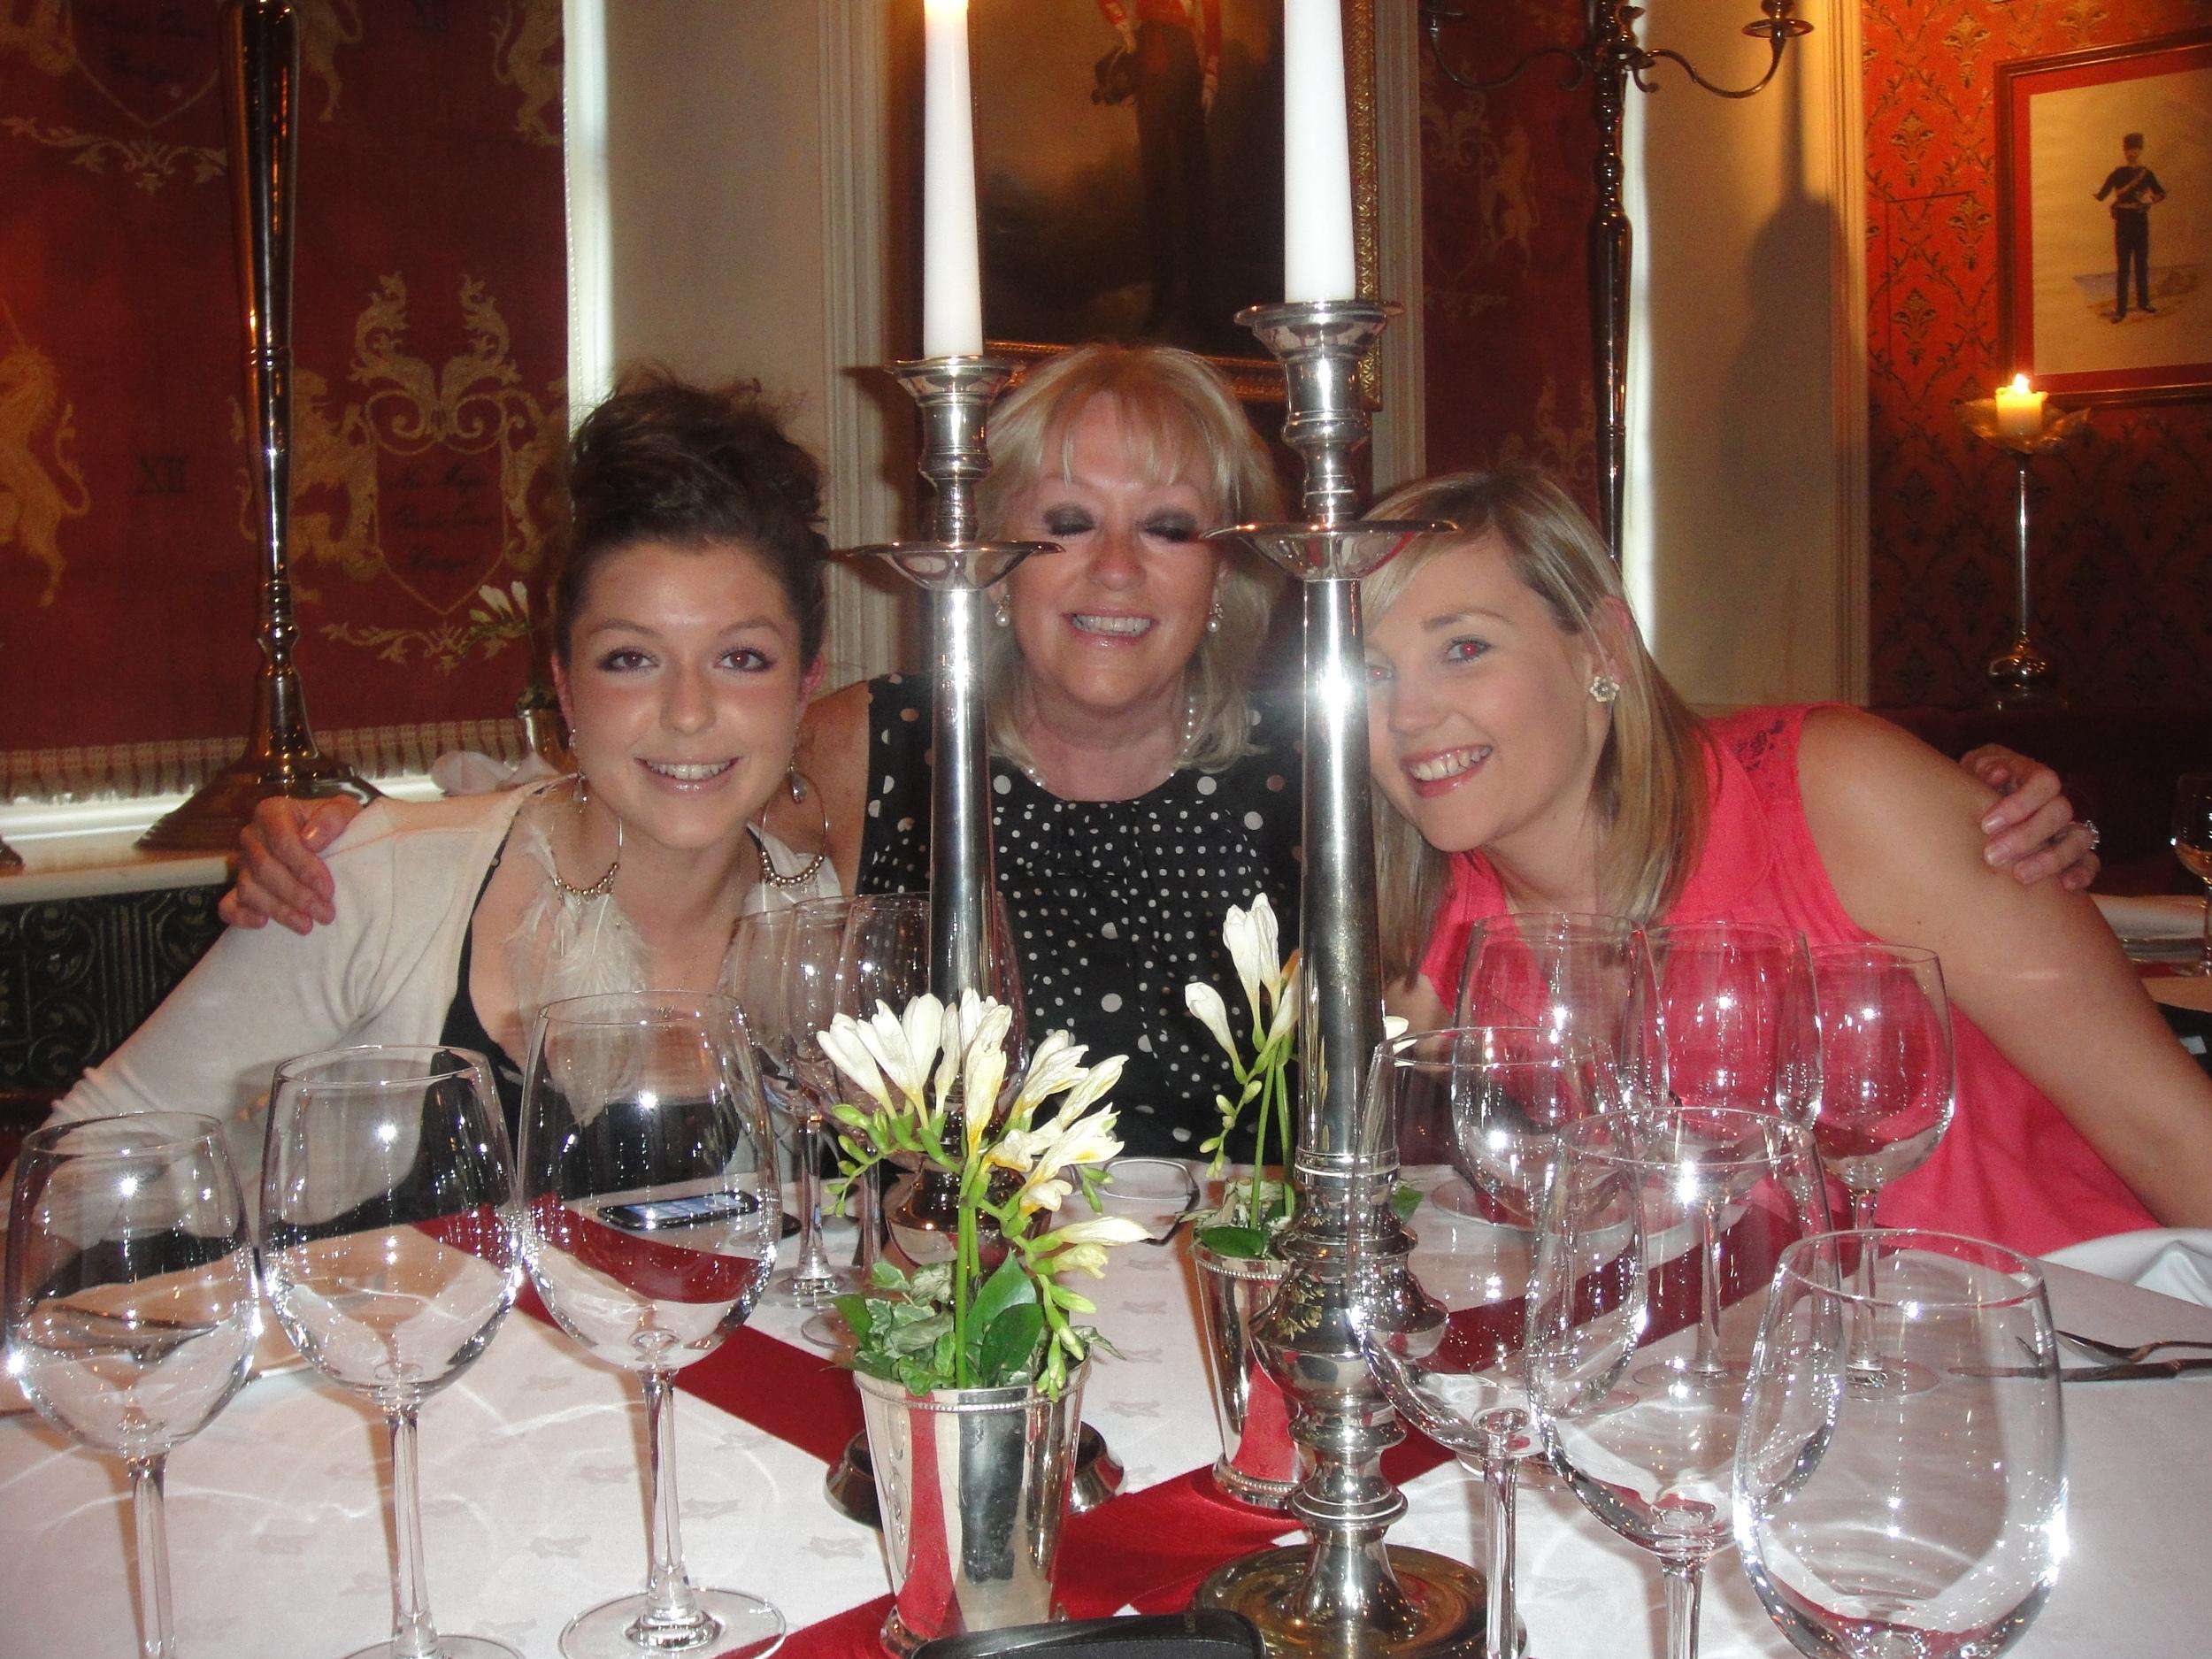 Sarah with her mother, Kate, and close friend, Sarah Martin